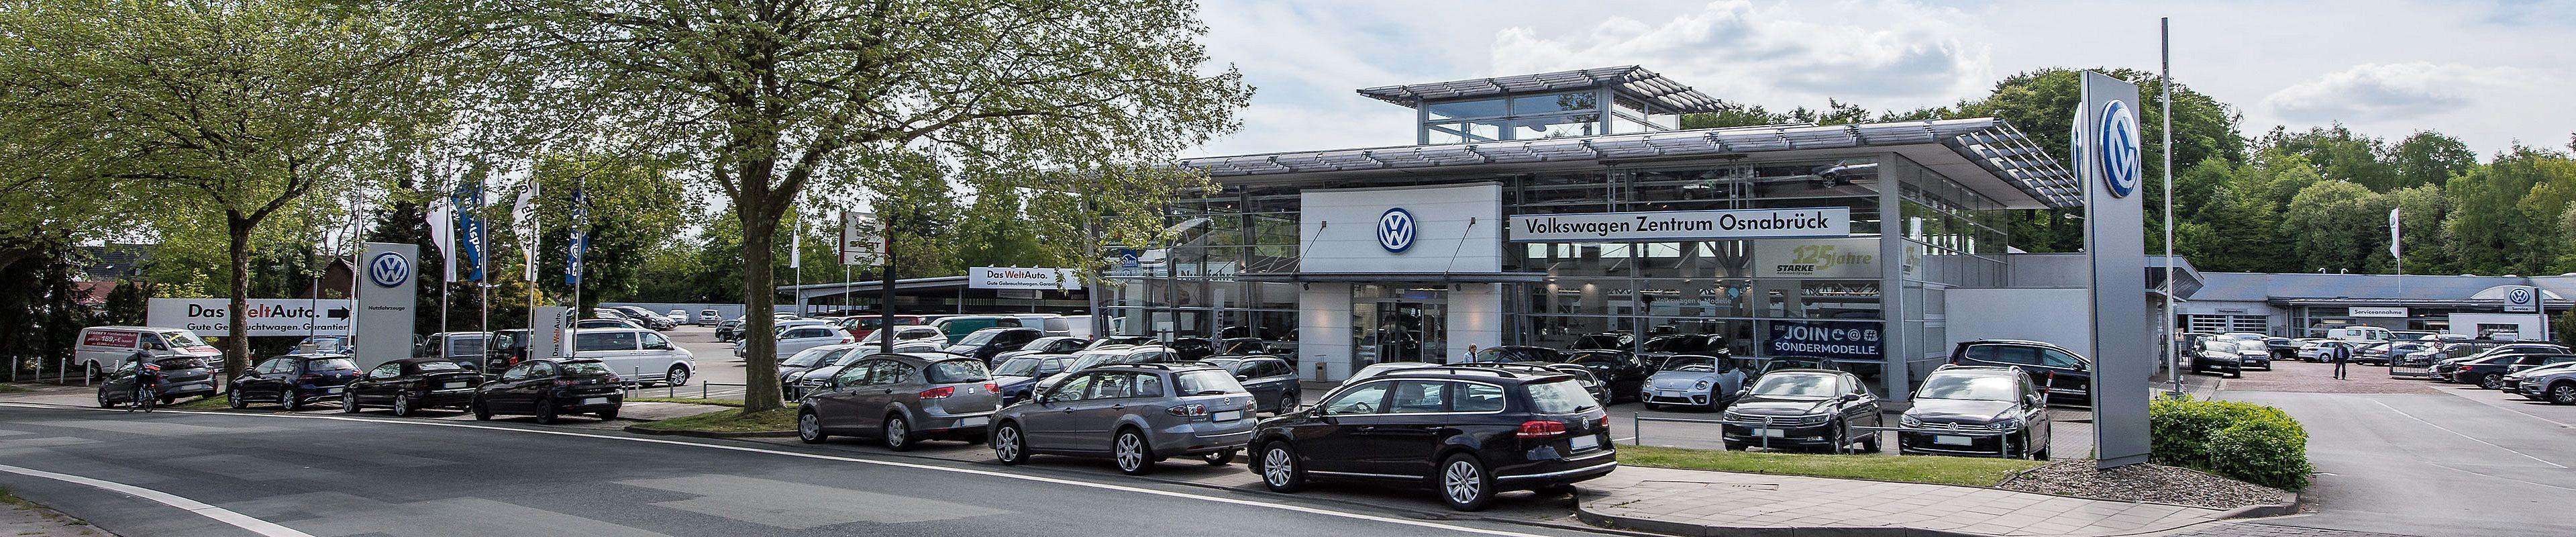 Volkswagen Zentrum Osnabrück Wir freuen uns auf Ihren Besuch